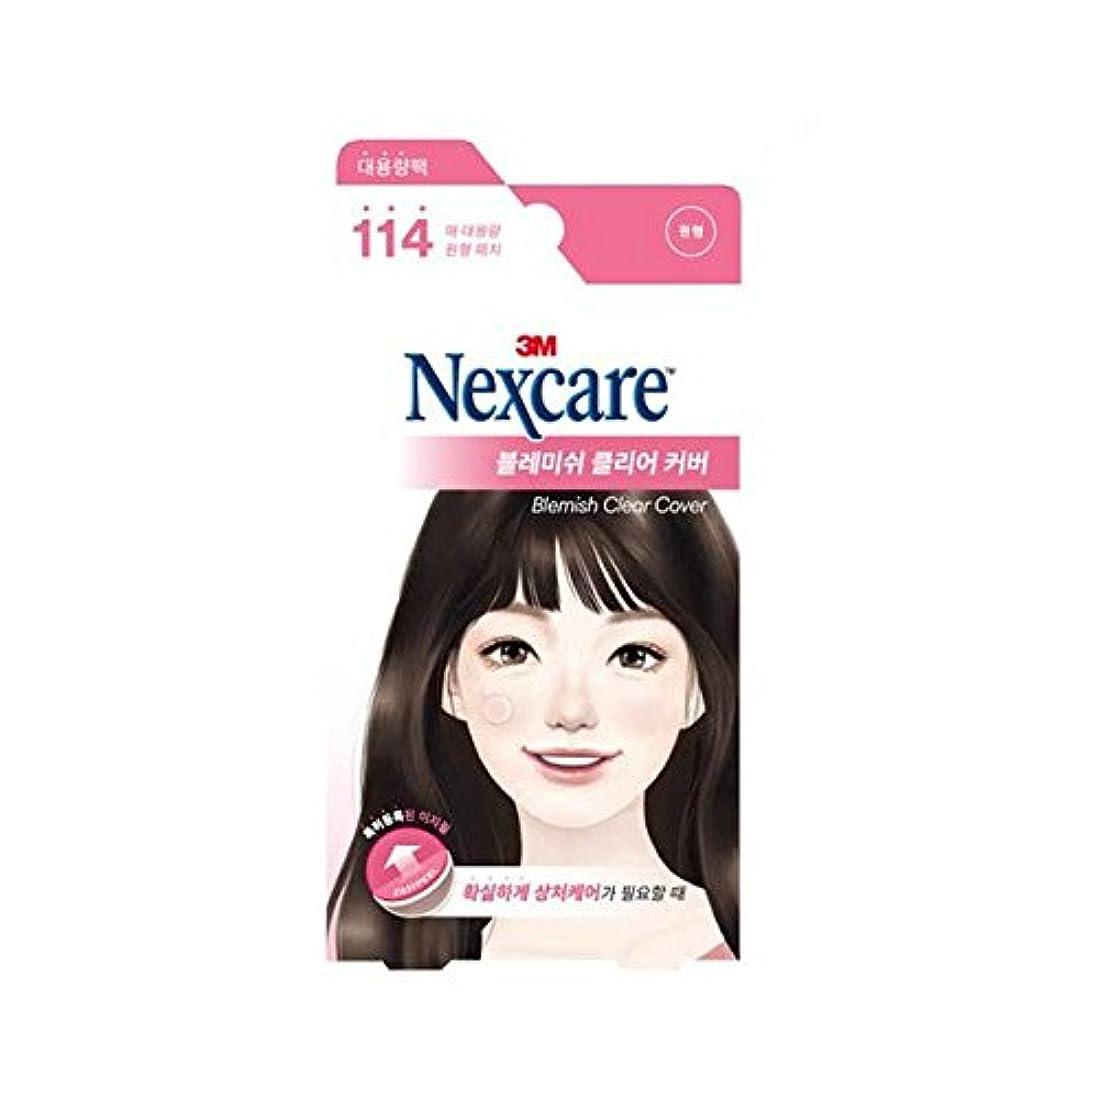 ご覧ください開業医化学薬品[New] 3M Nexcare Blemish Clear Cover Easy Peel 114 Patches/3M ネクスケア ブレミッシュ クリア カバー イージー ピール 114パッチ入り [並行輸入品]